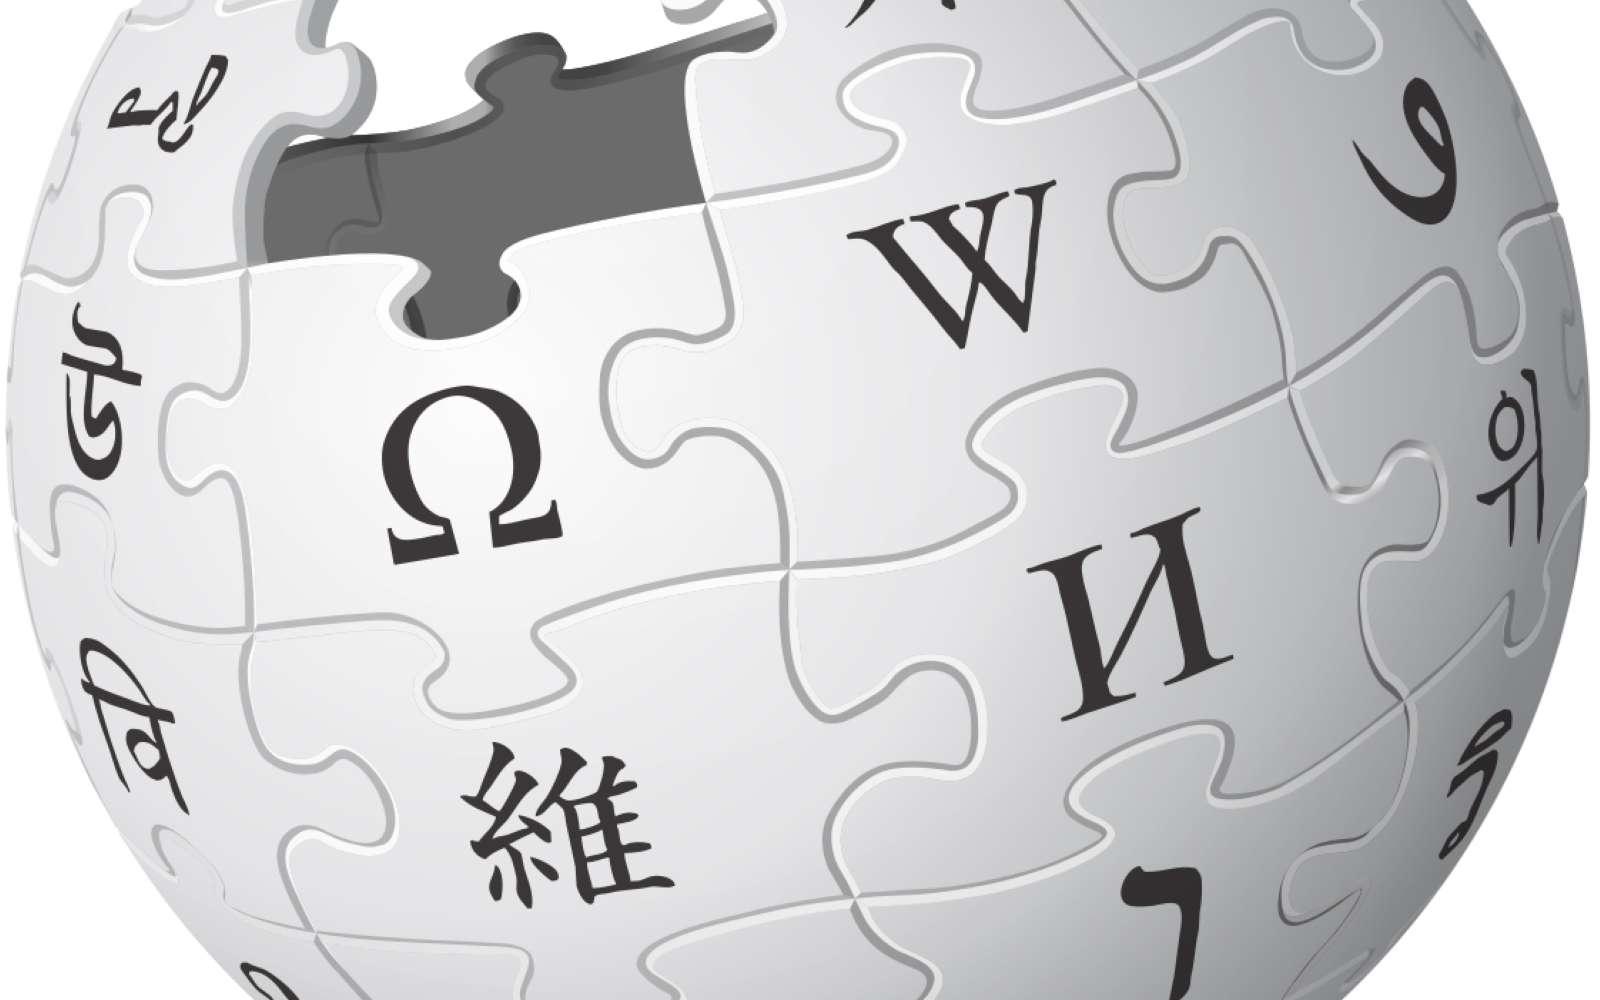 Les chercheurs du MIT utilisent une IA pour générer des phrases à partir d'informations clés afin de rédiger des articles sur l'encyclopédie Wikipédia. © Wikipédia